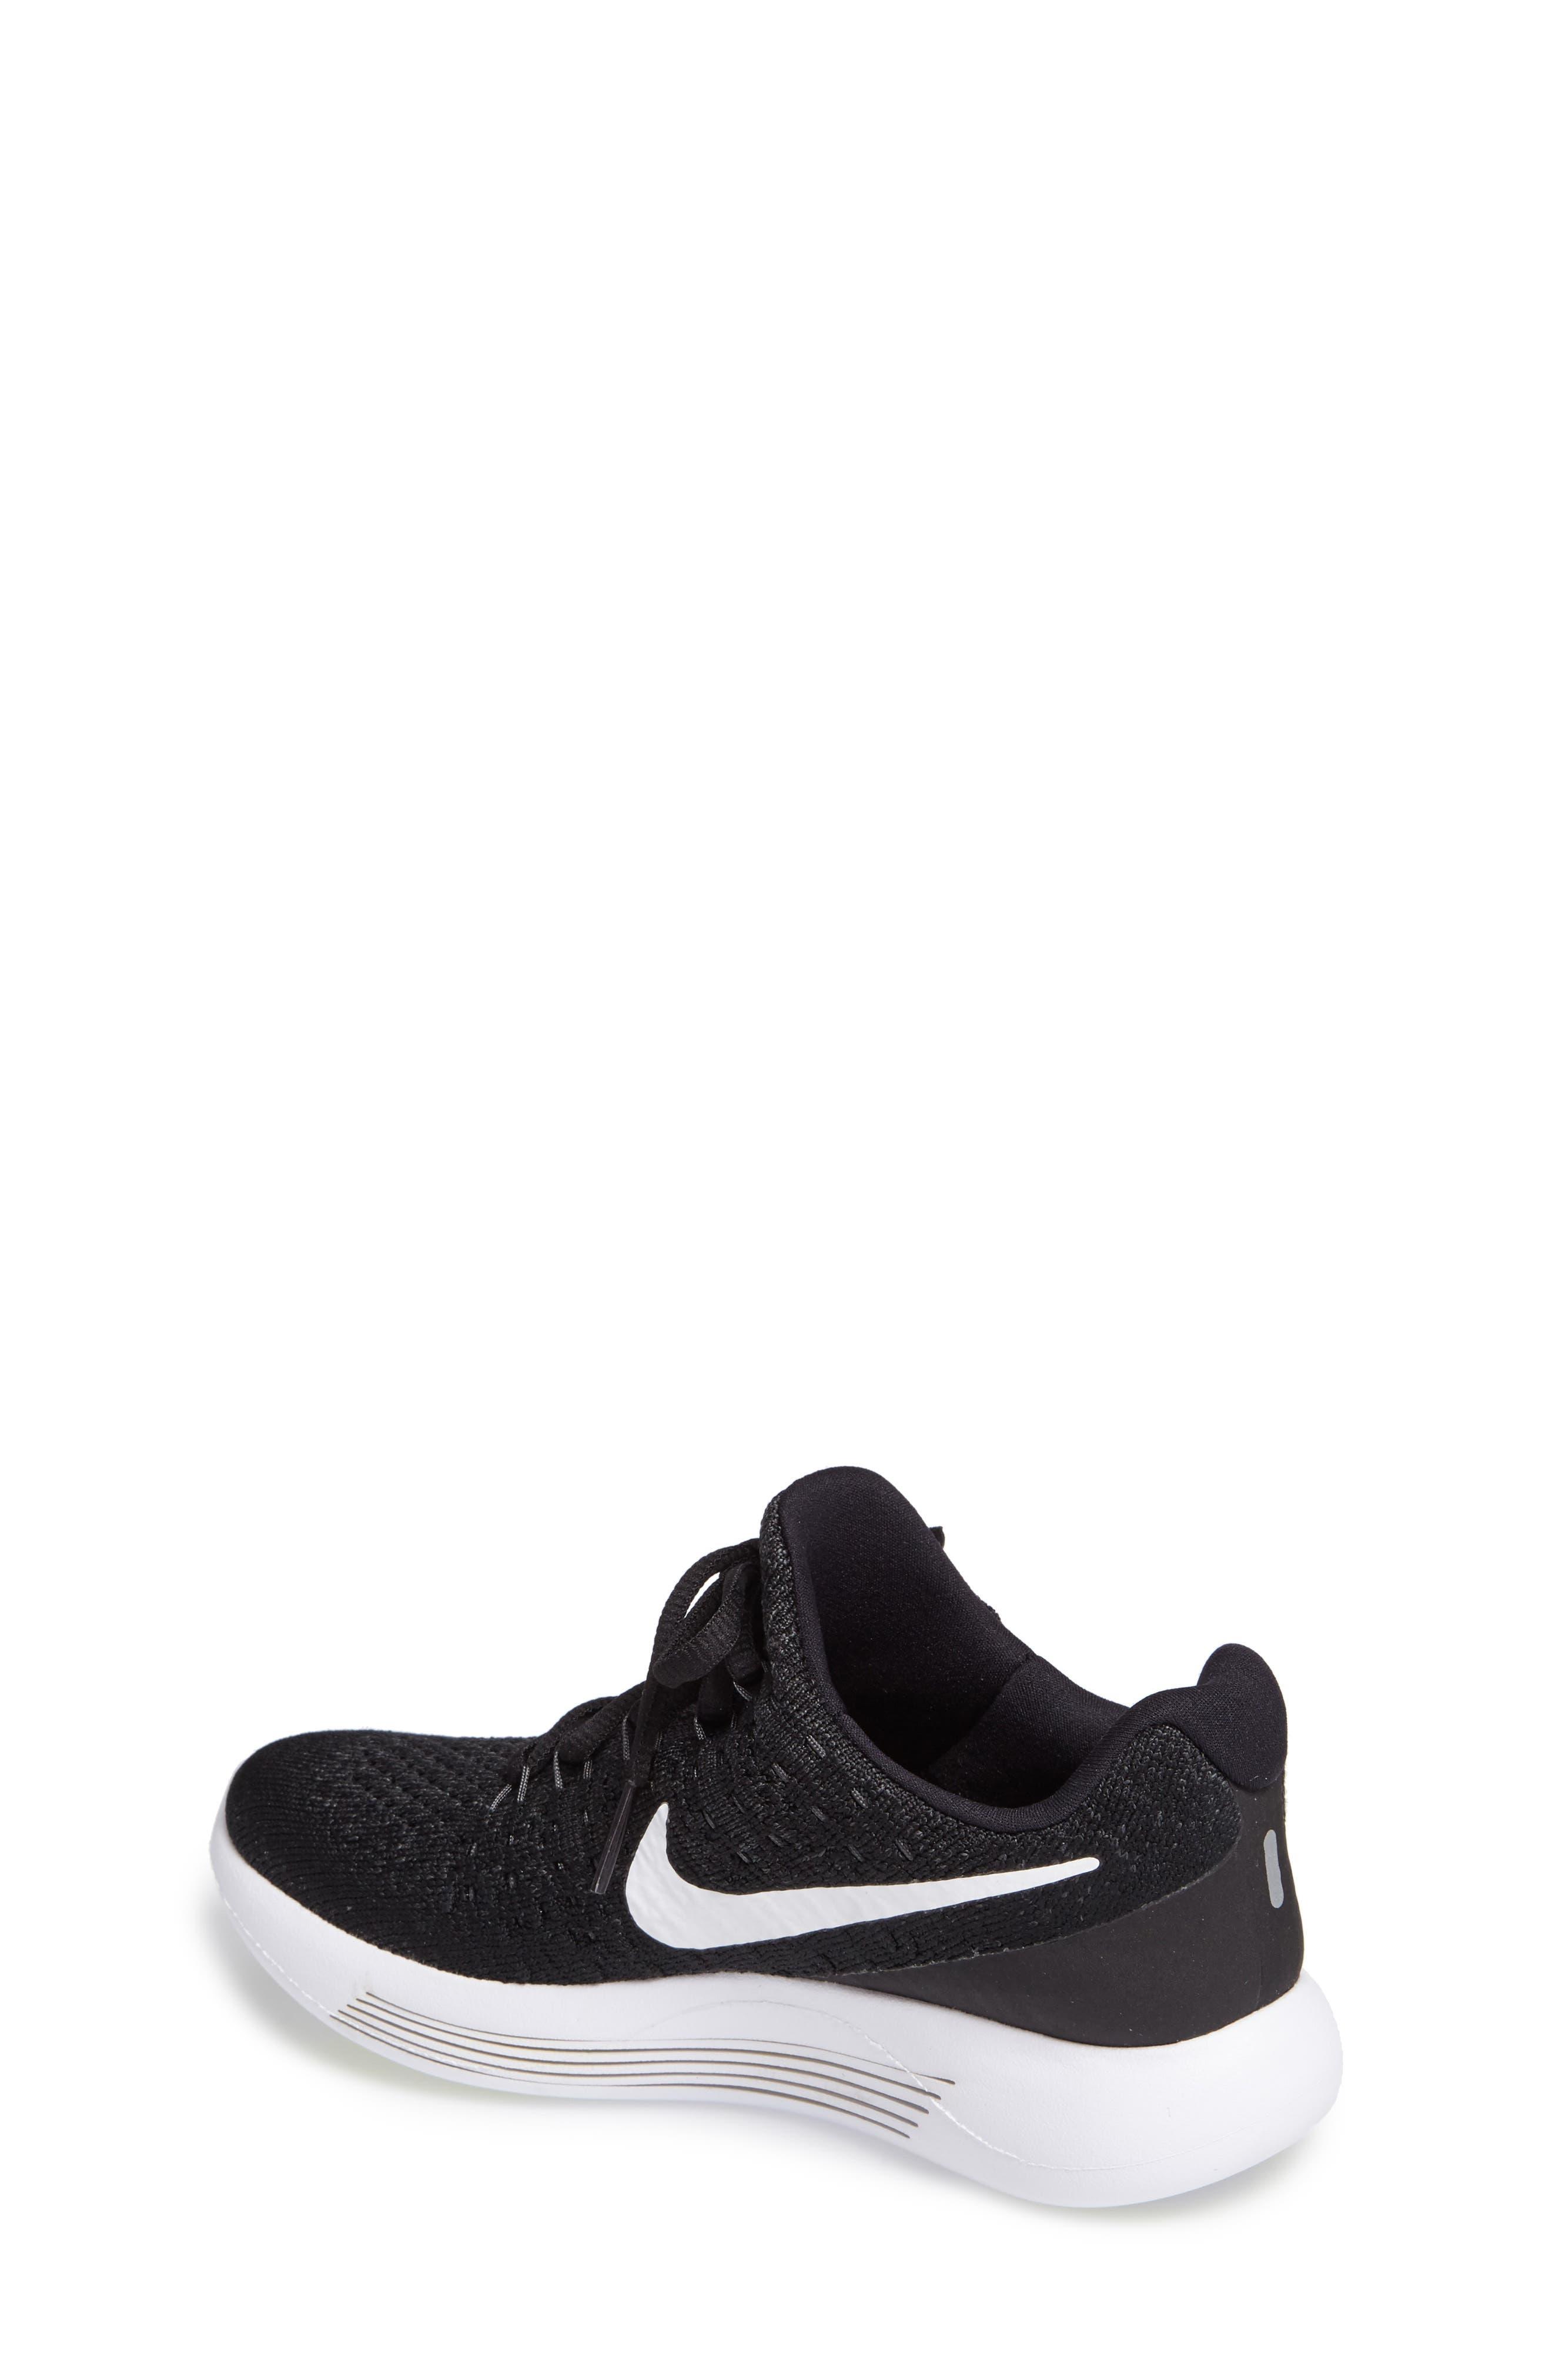 Alternate Image 2  - Nike Flyknit LunarEpic Sneaker (Big Kid) (Regular Retail Price: $115.00)